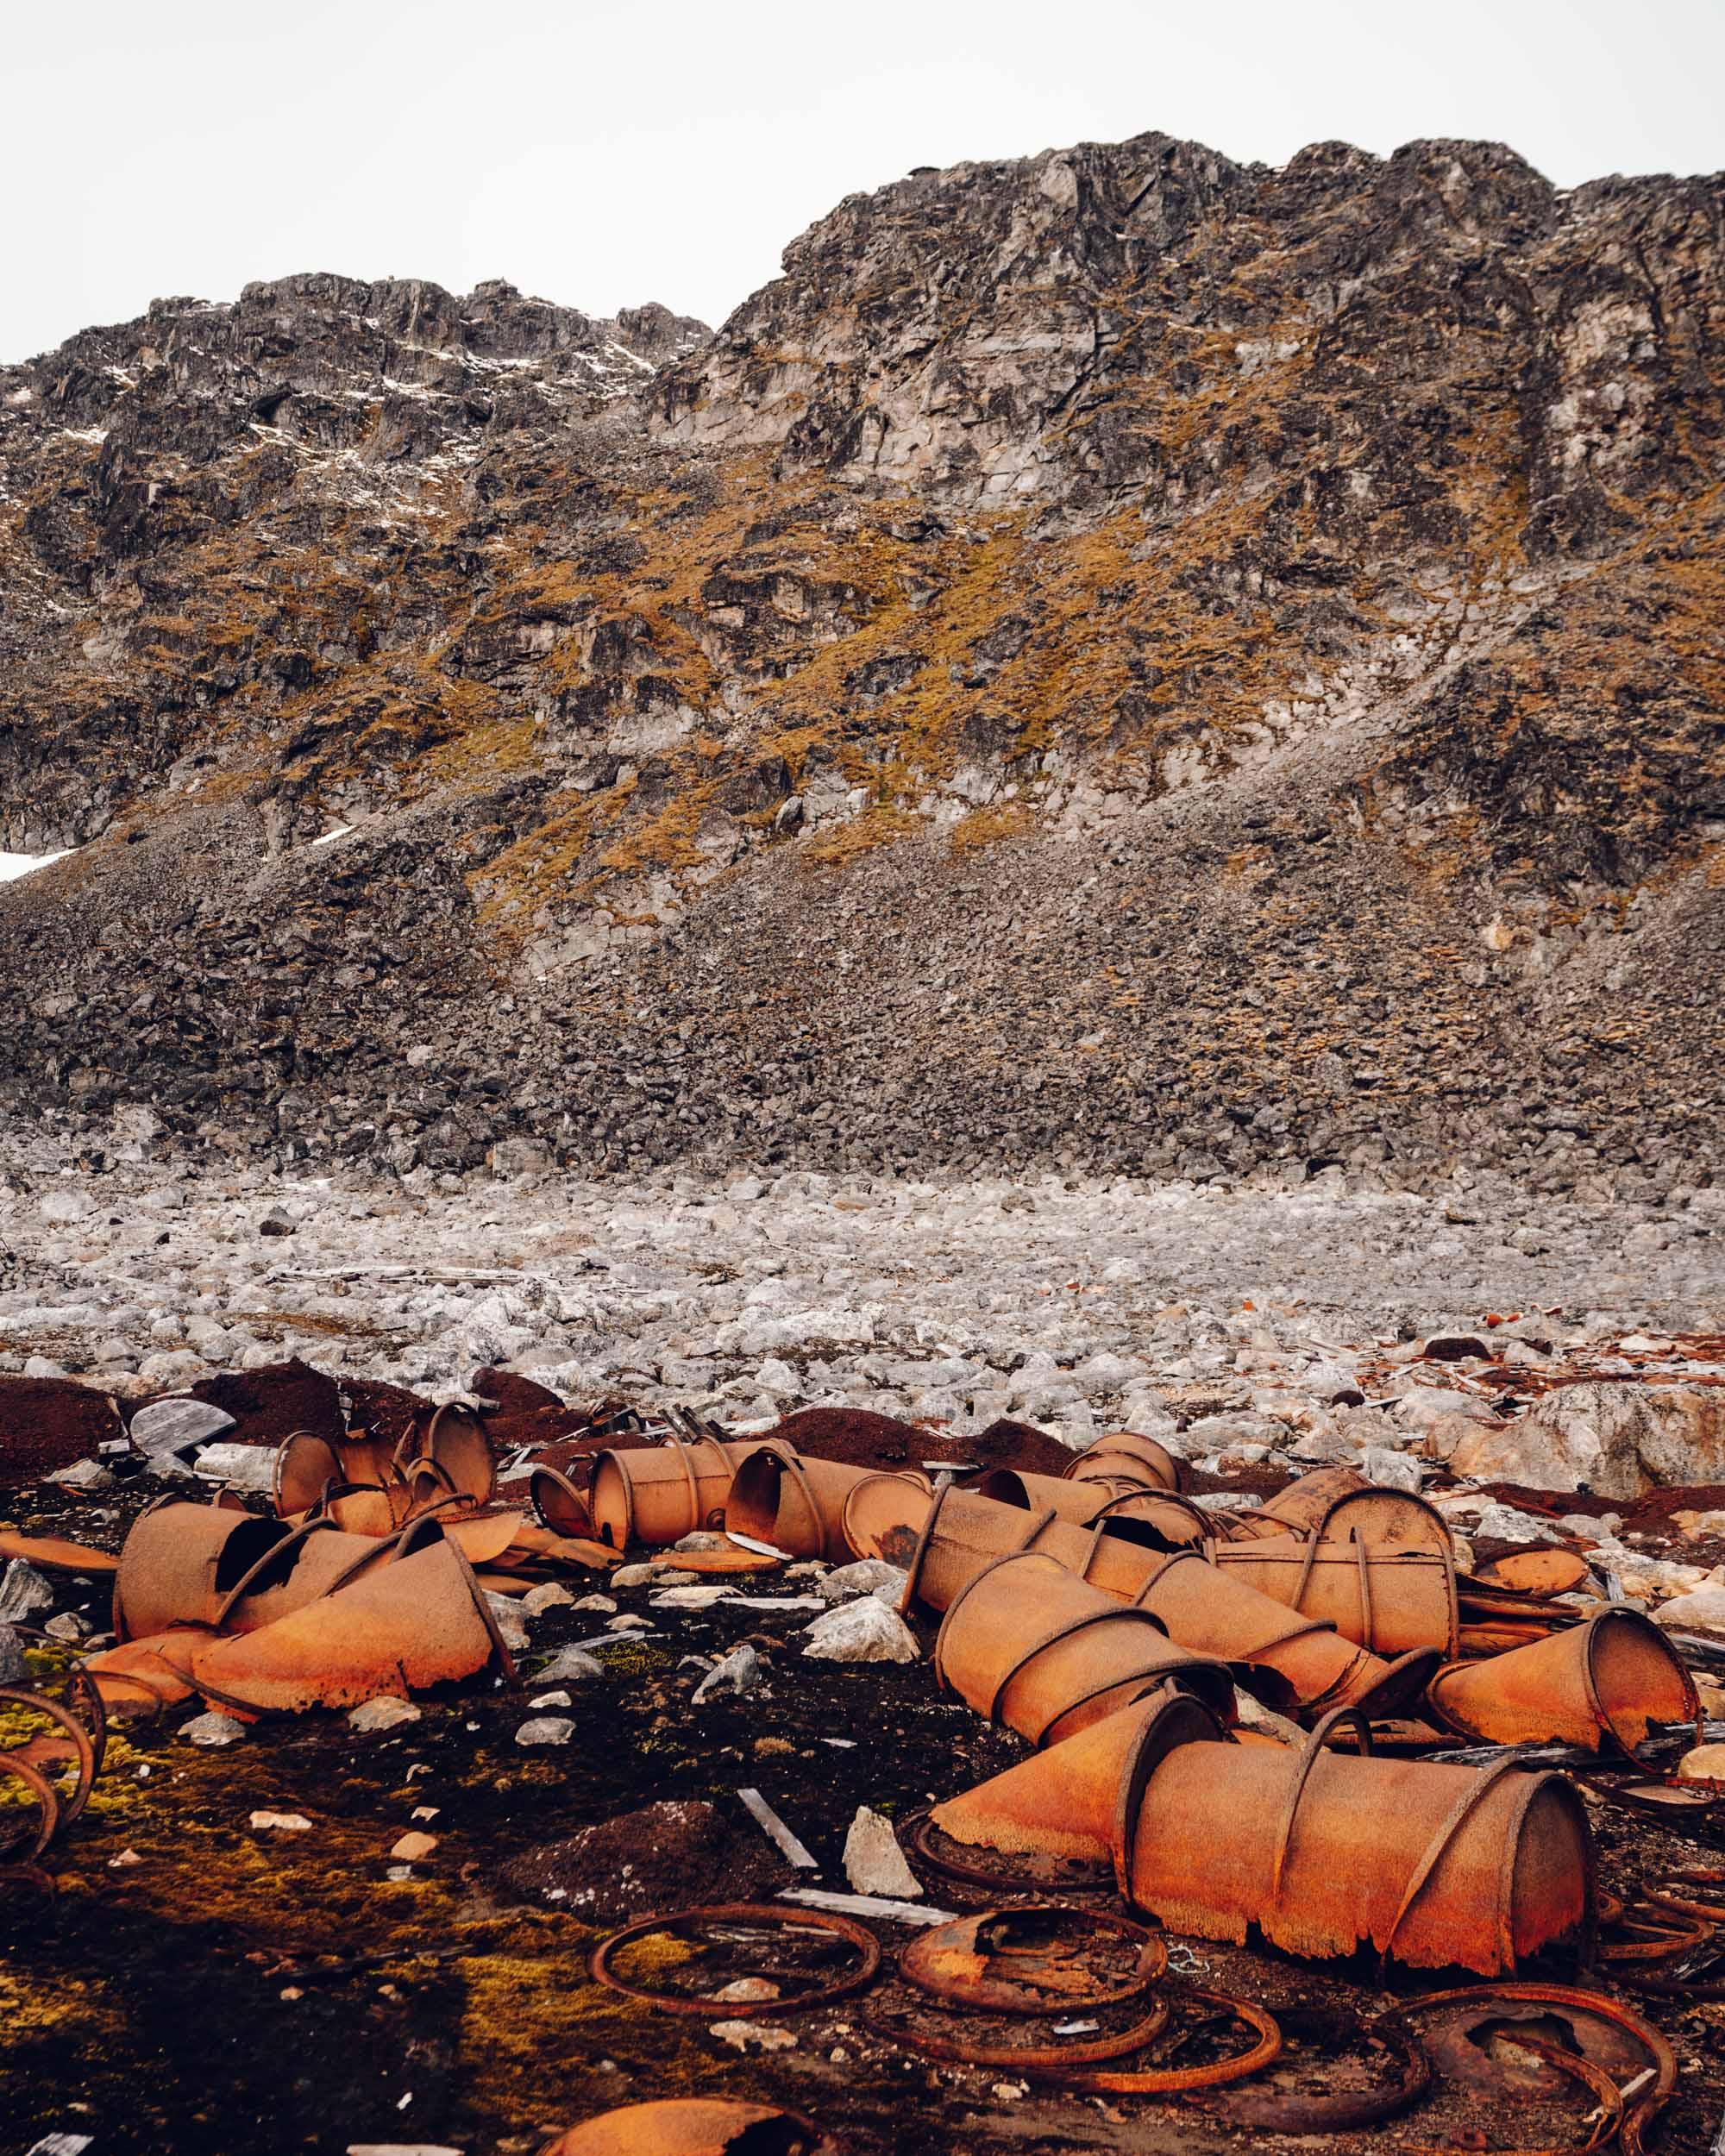 Virgohamna site in Spitsbergen